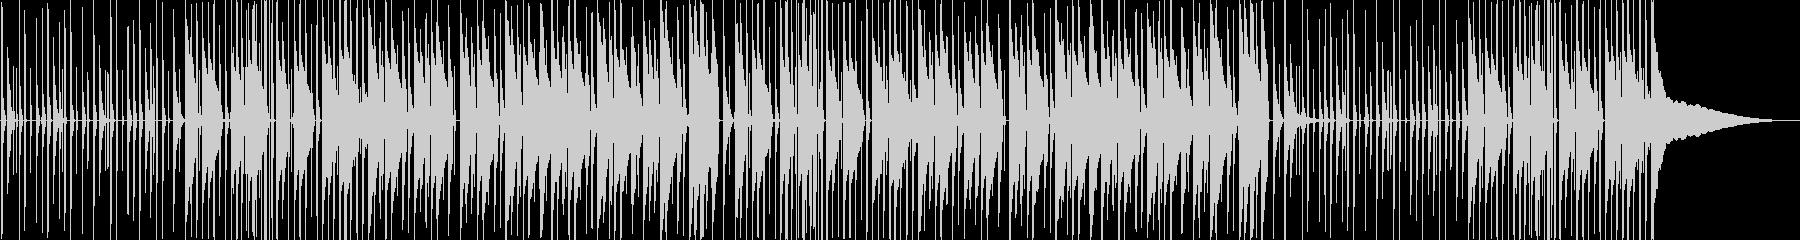 【キッズ動画向け】ほのぼの楽しいポップスの未再生の波形